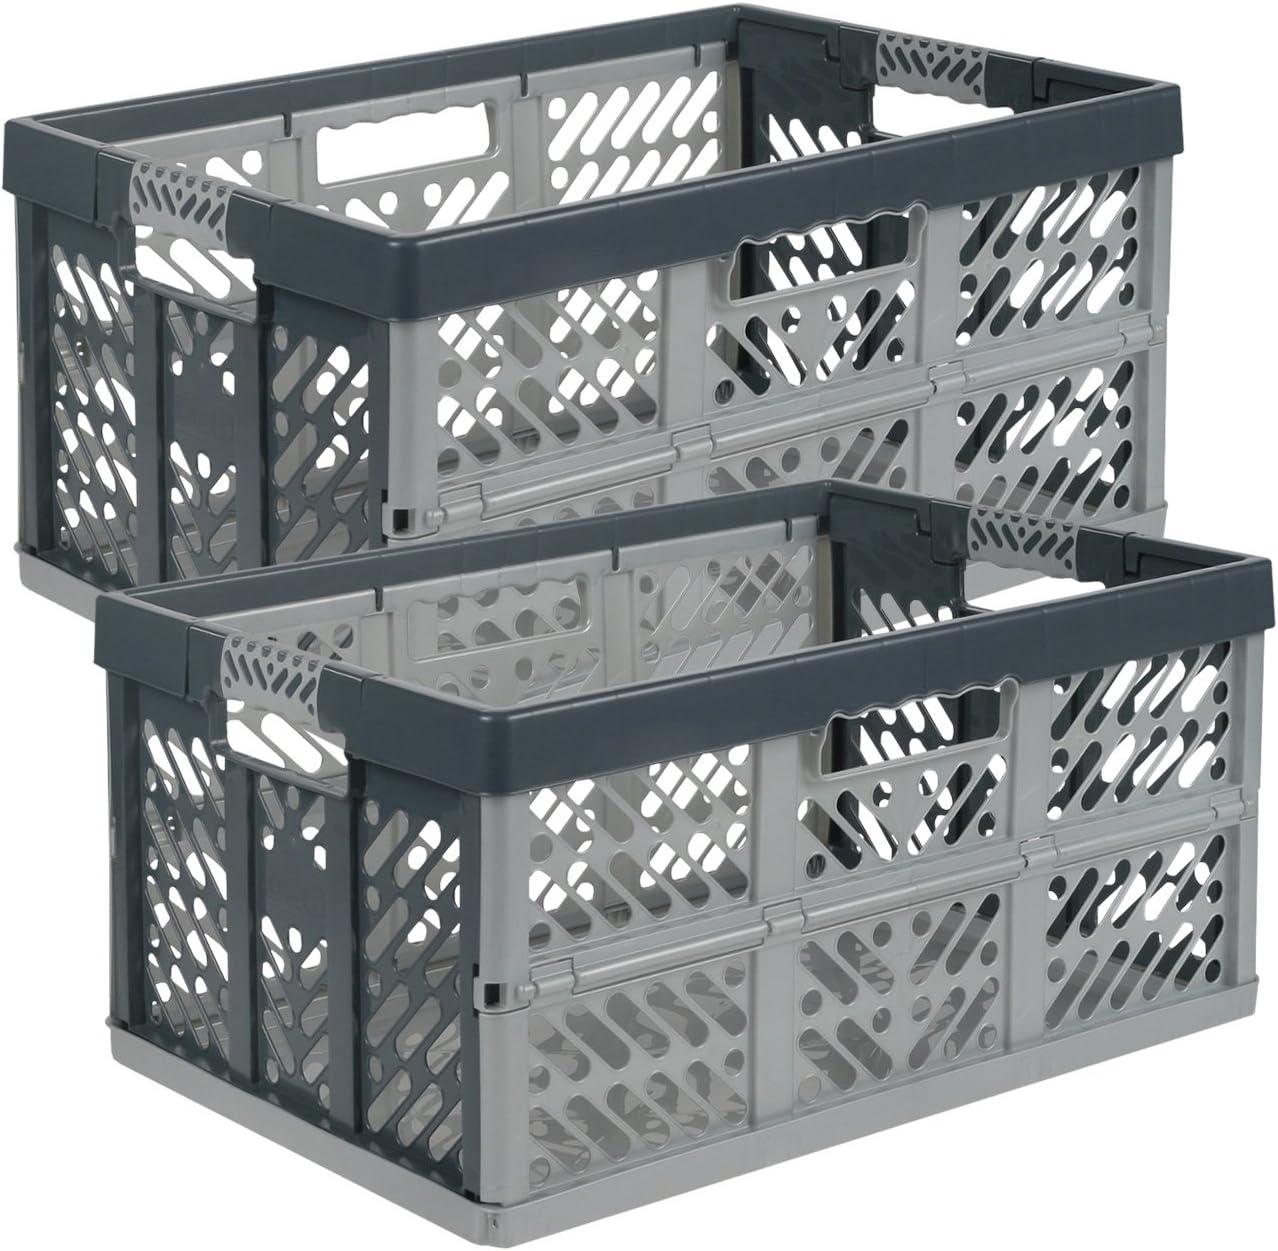 keeeper ben - Cajas plegables profesionales (45 L / Polipropileno / Color gris antracita), 2 unidades